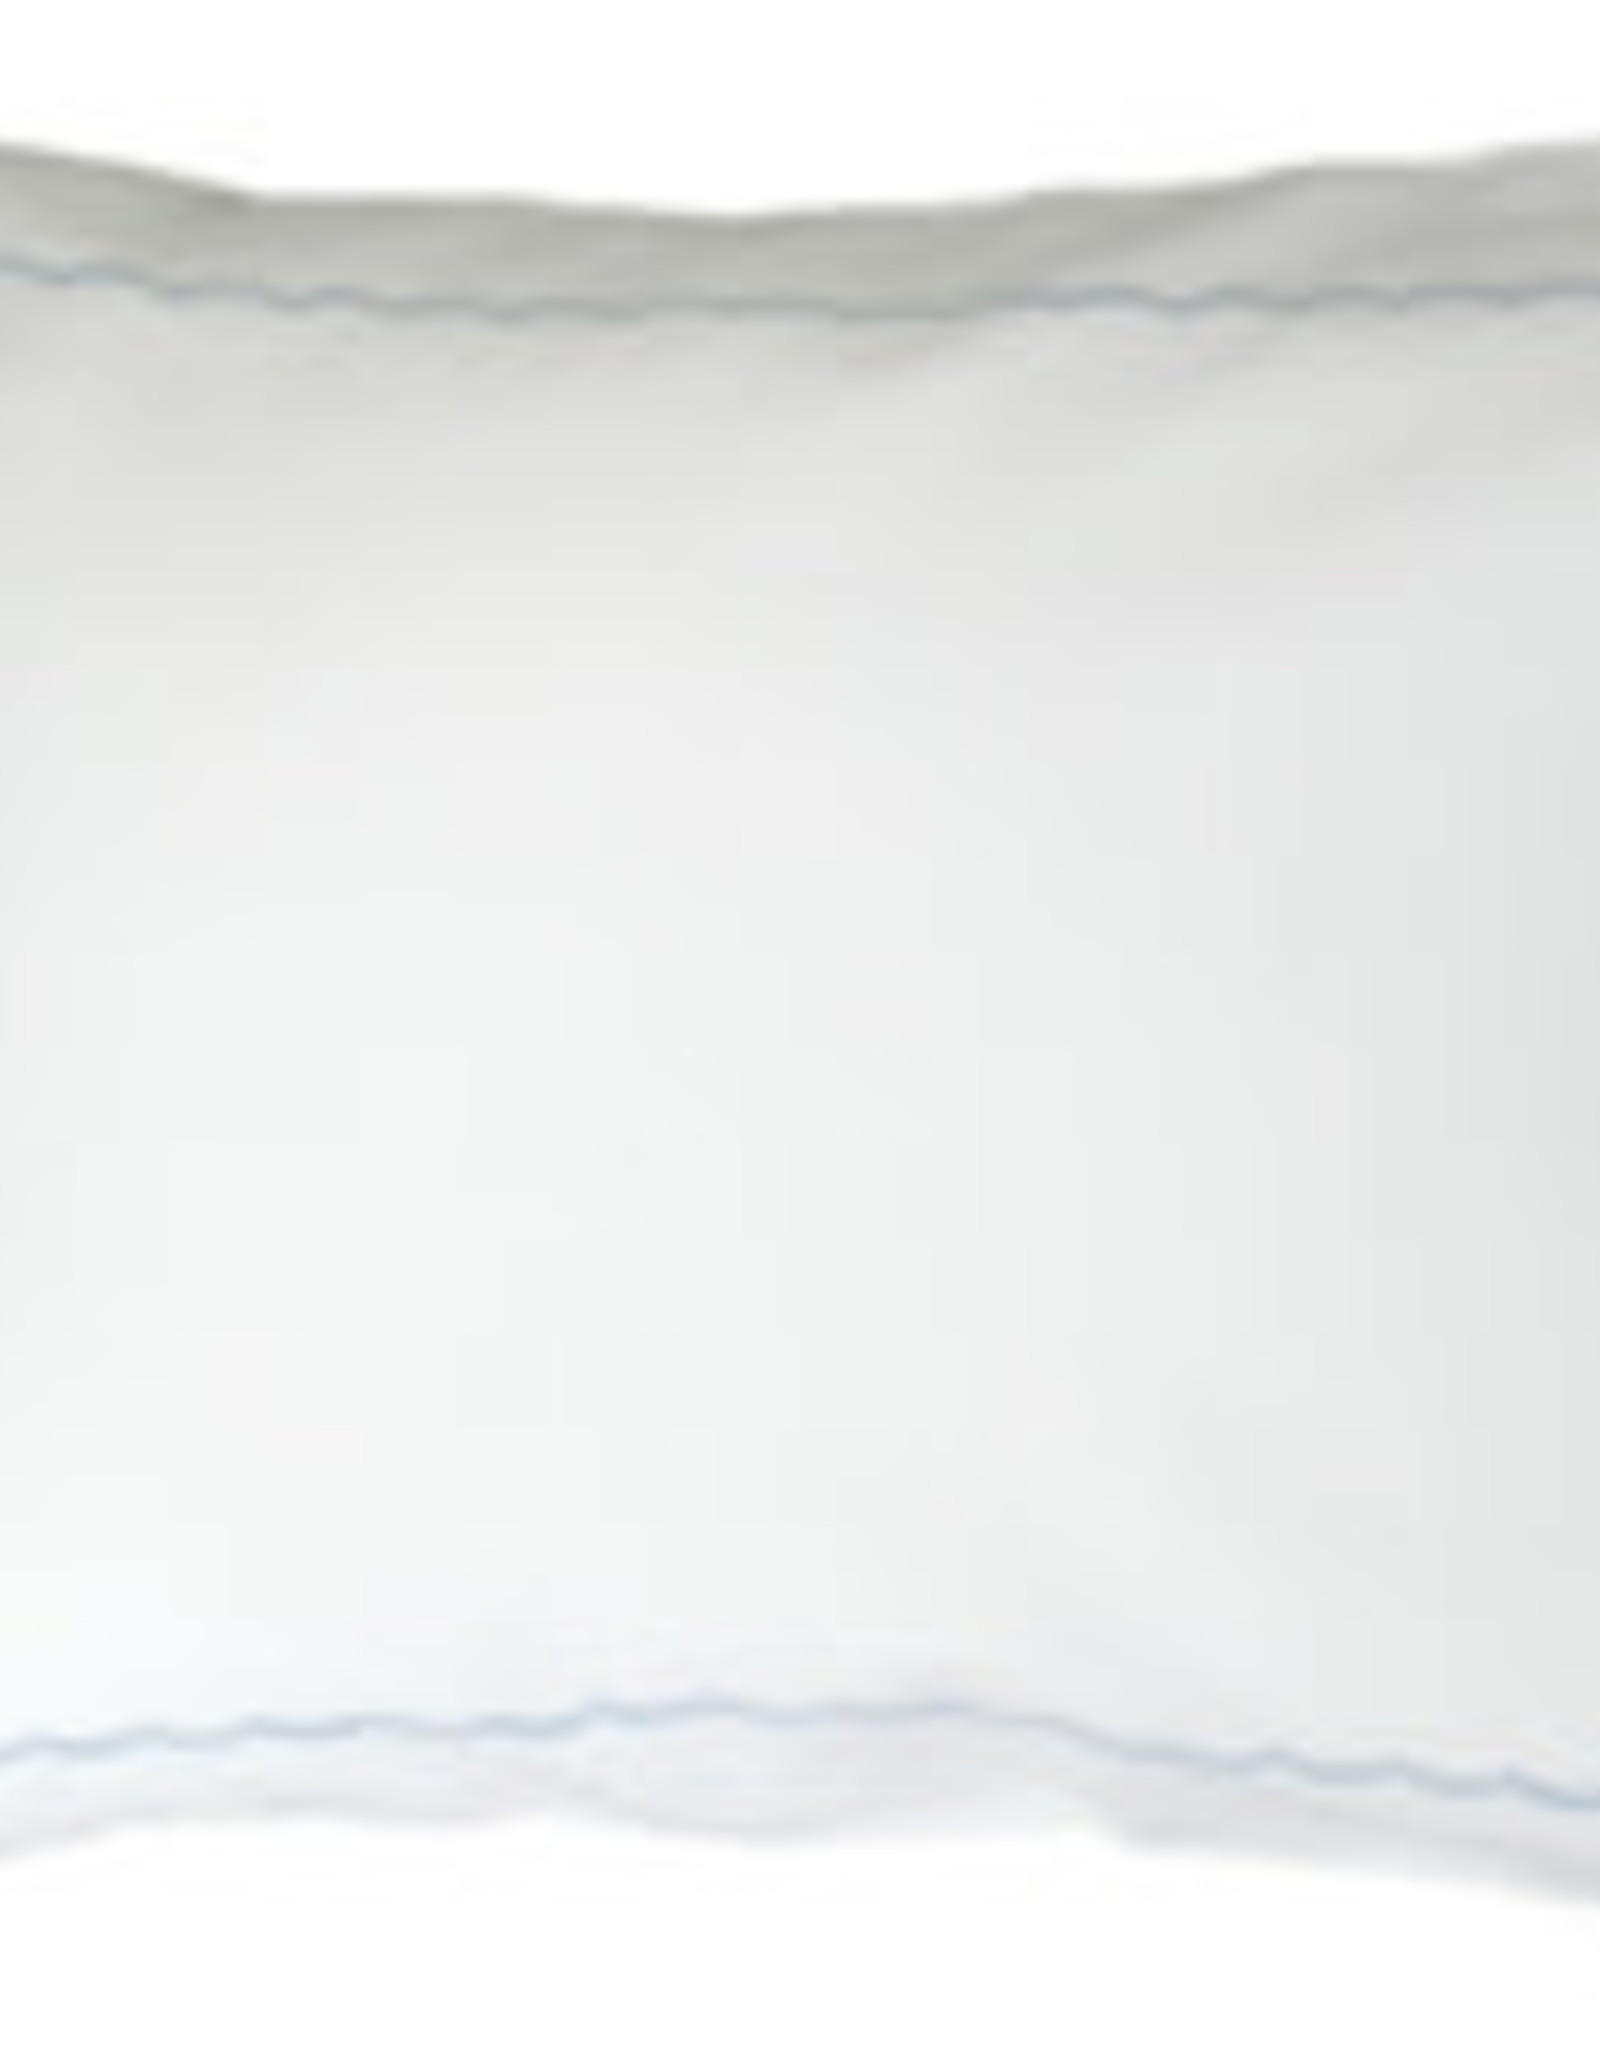 gerbrend Creations Pillow Light Blue Interior Scallop